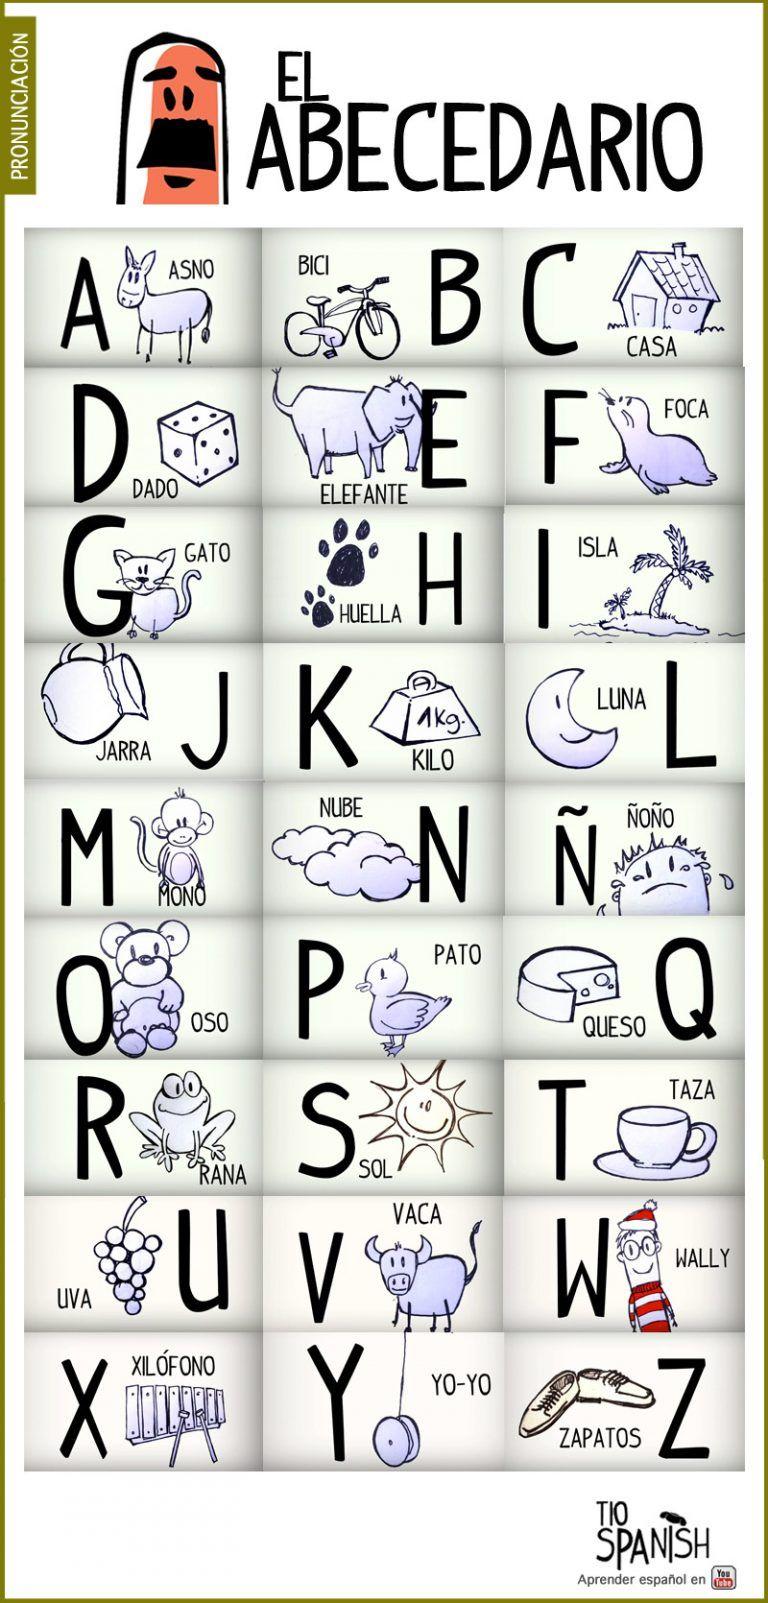 Abecedario Espanol Con Dibujos Letras Del Alfabeto Espanol El Abecedario En Espanol Letras Del Abecedario Alfabeto Espanol